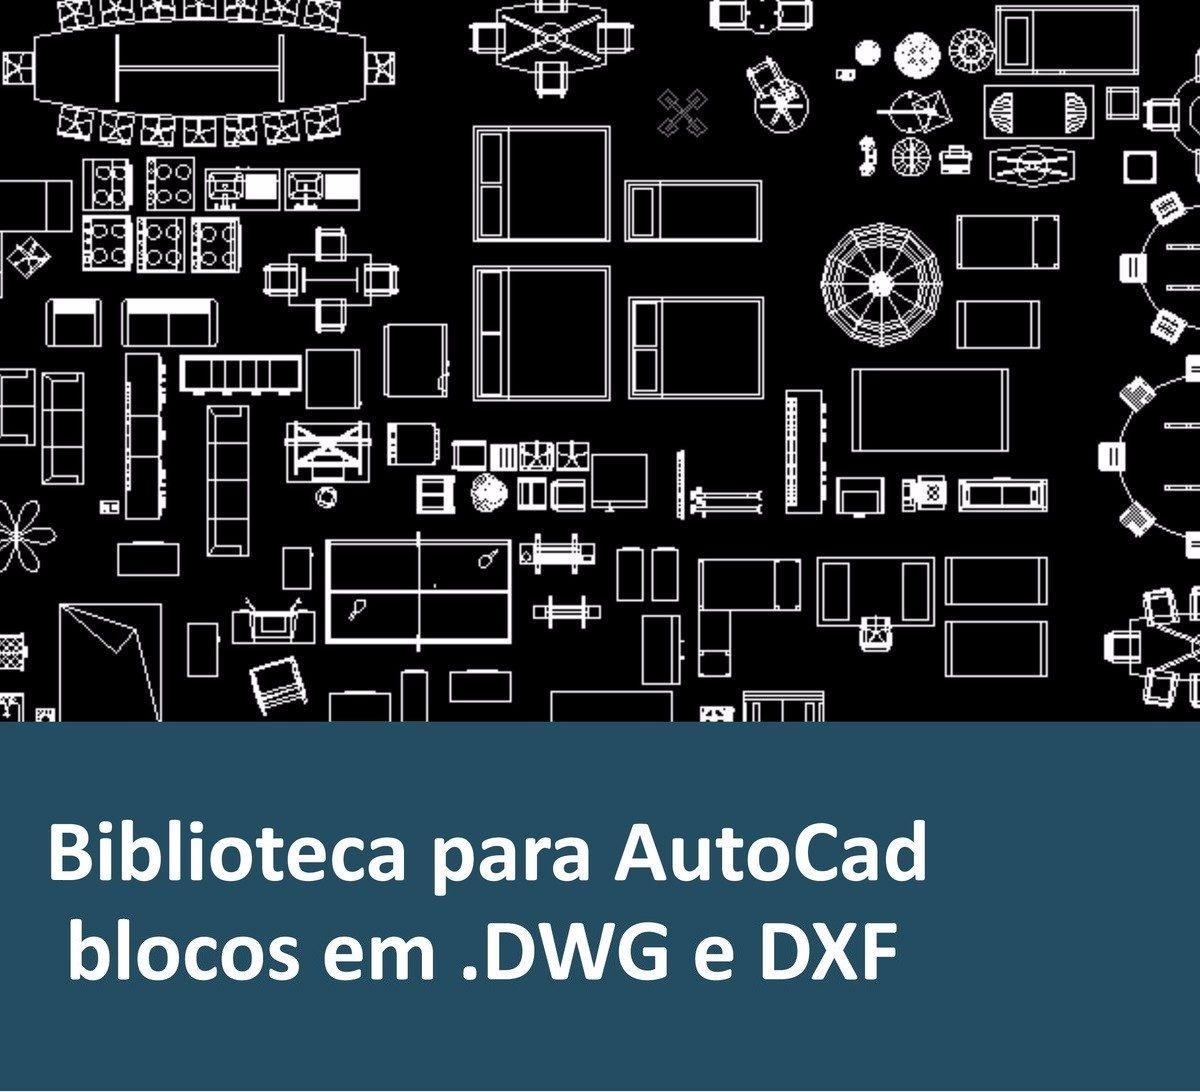 Biblioteca 130 000 Blocos 80 000 Projetos Edit Veis Autocad R 9